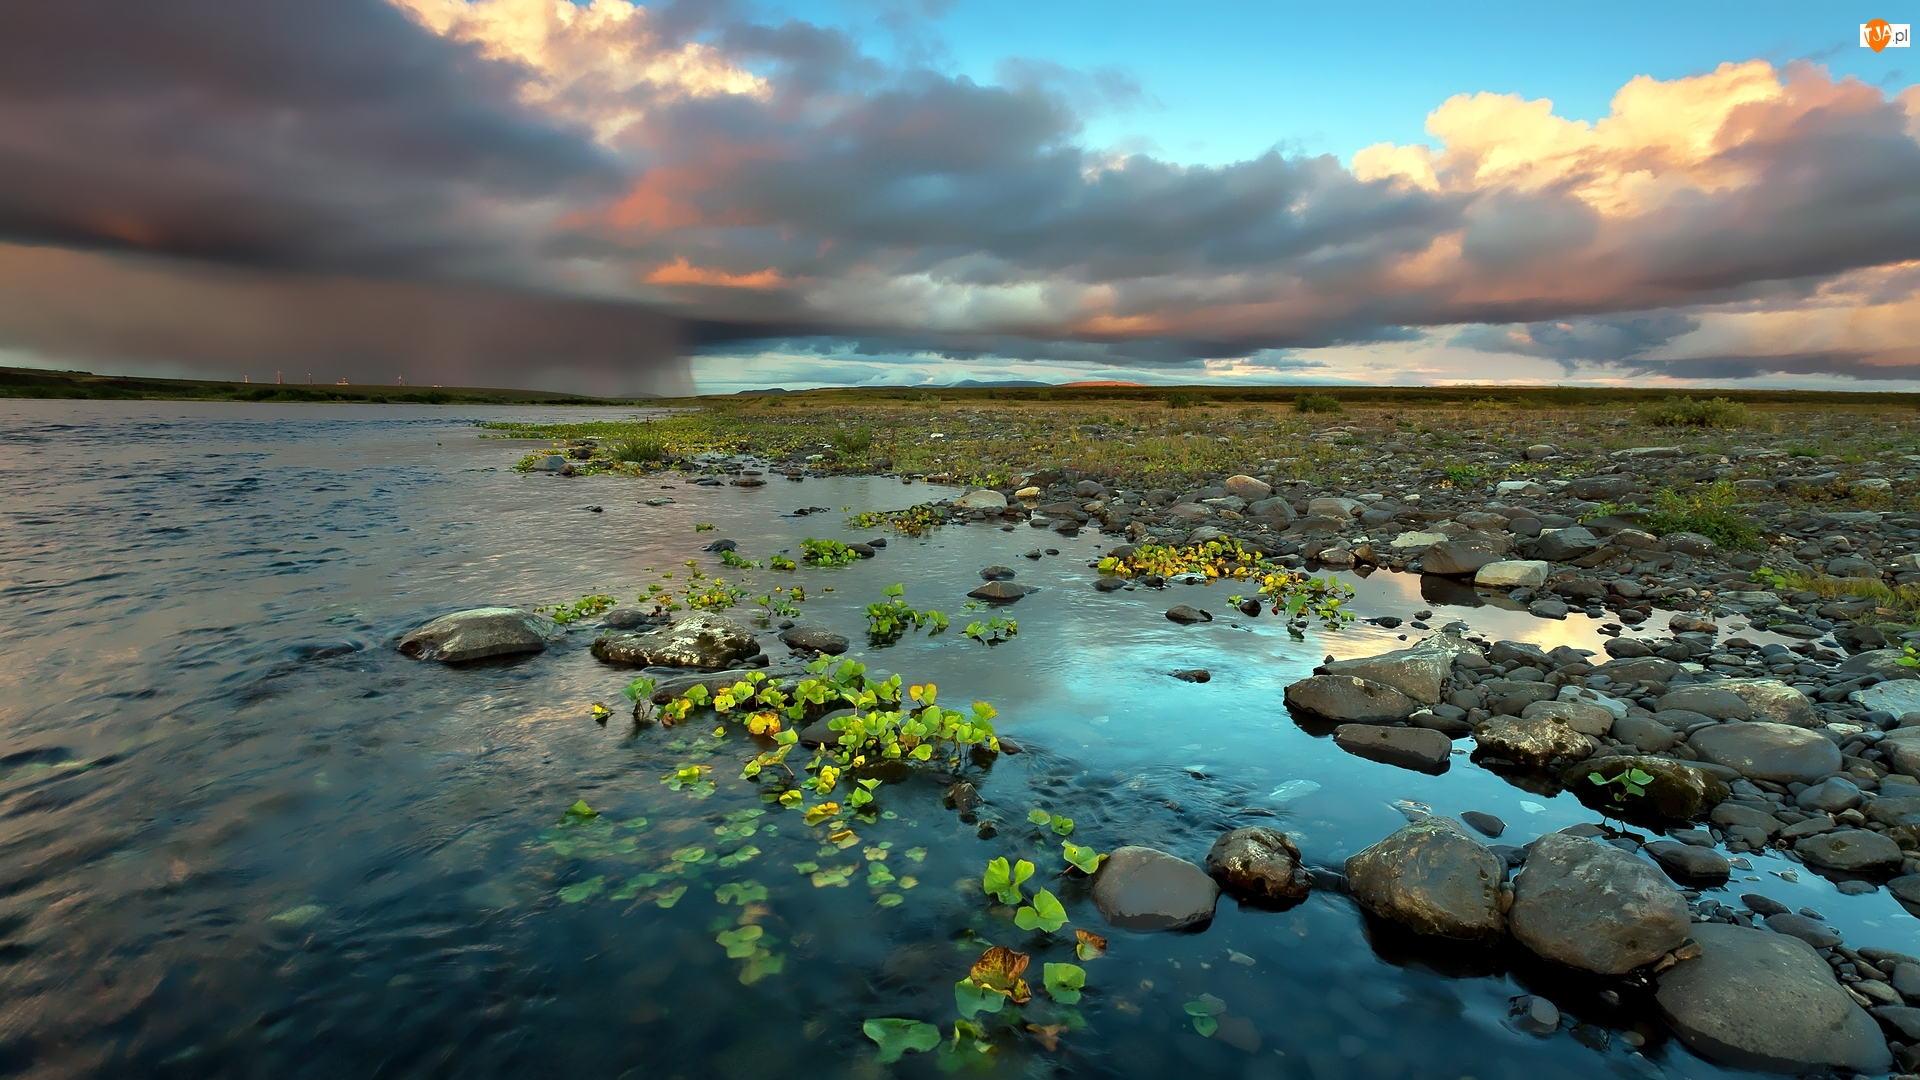 Rośliny, Rosja, Kamienie, Rzeka Usa, Chmury